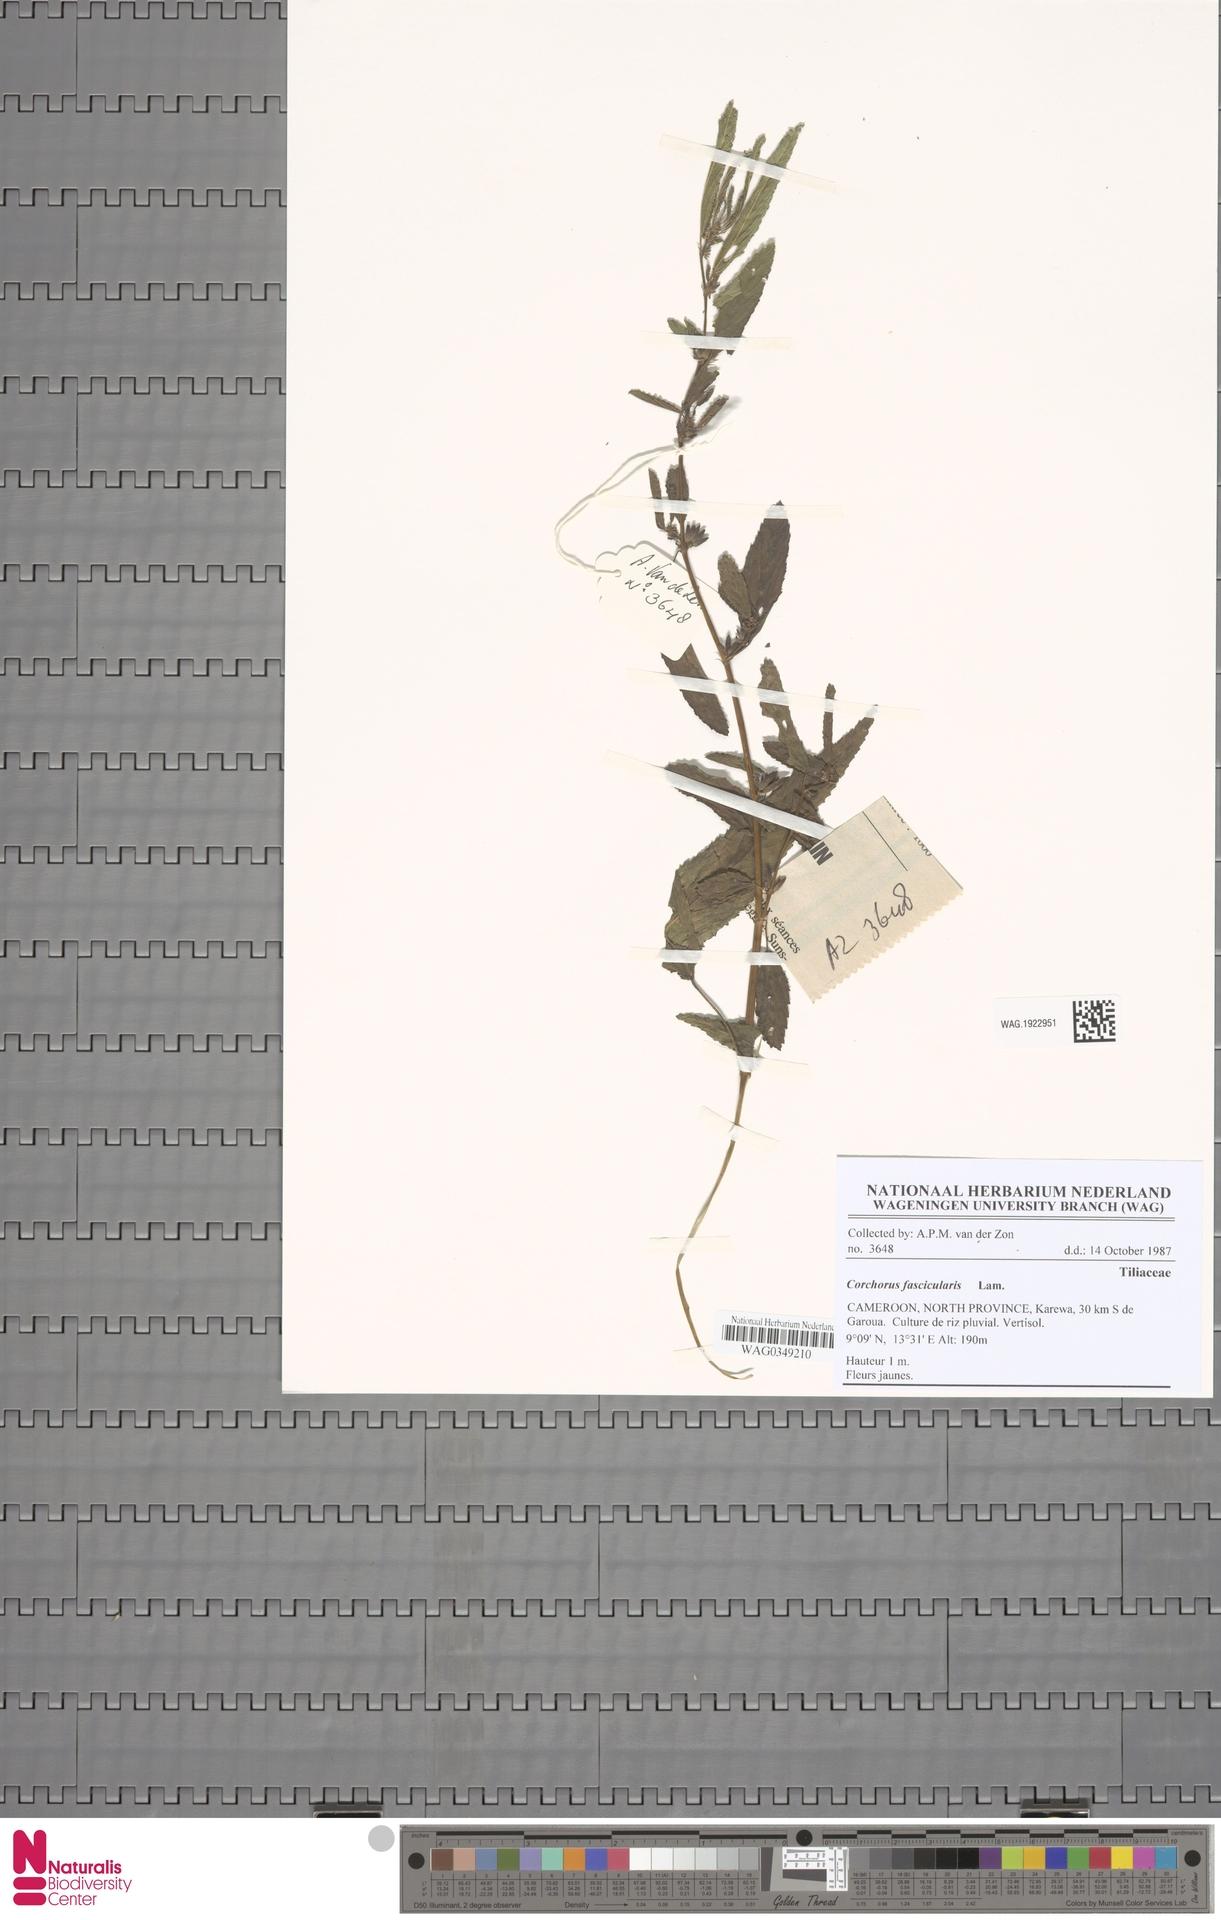 WAG.1922951 | Corchorus fascicularis Lam.